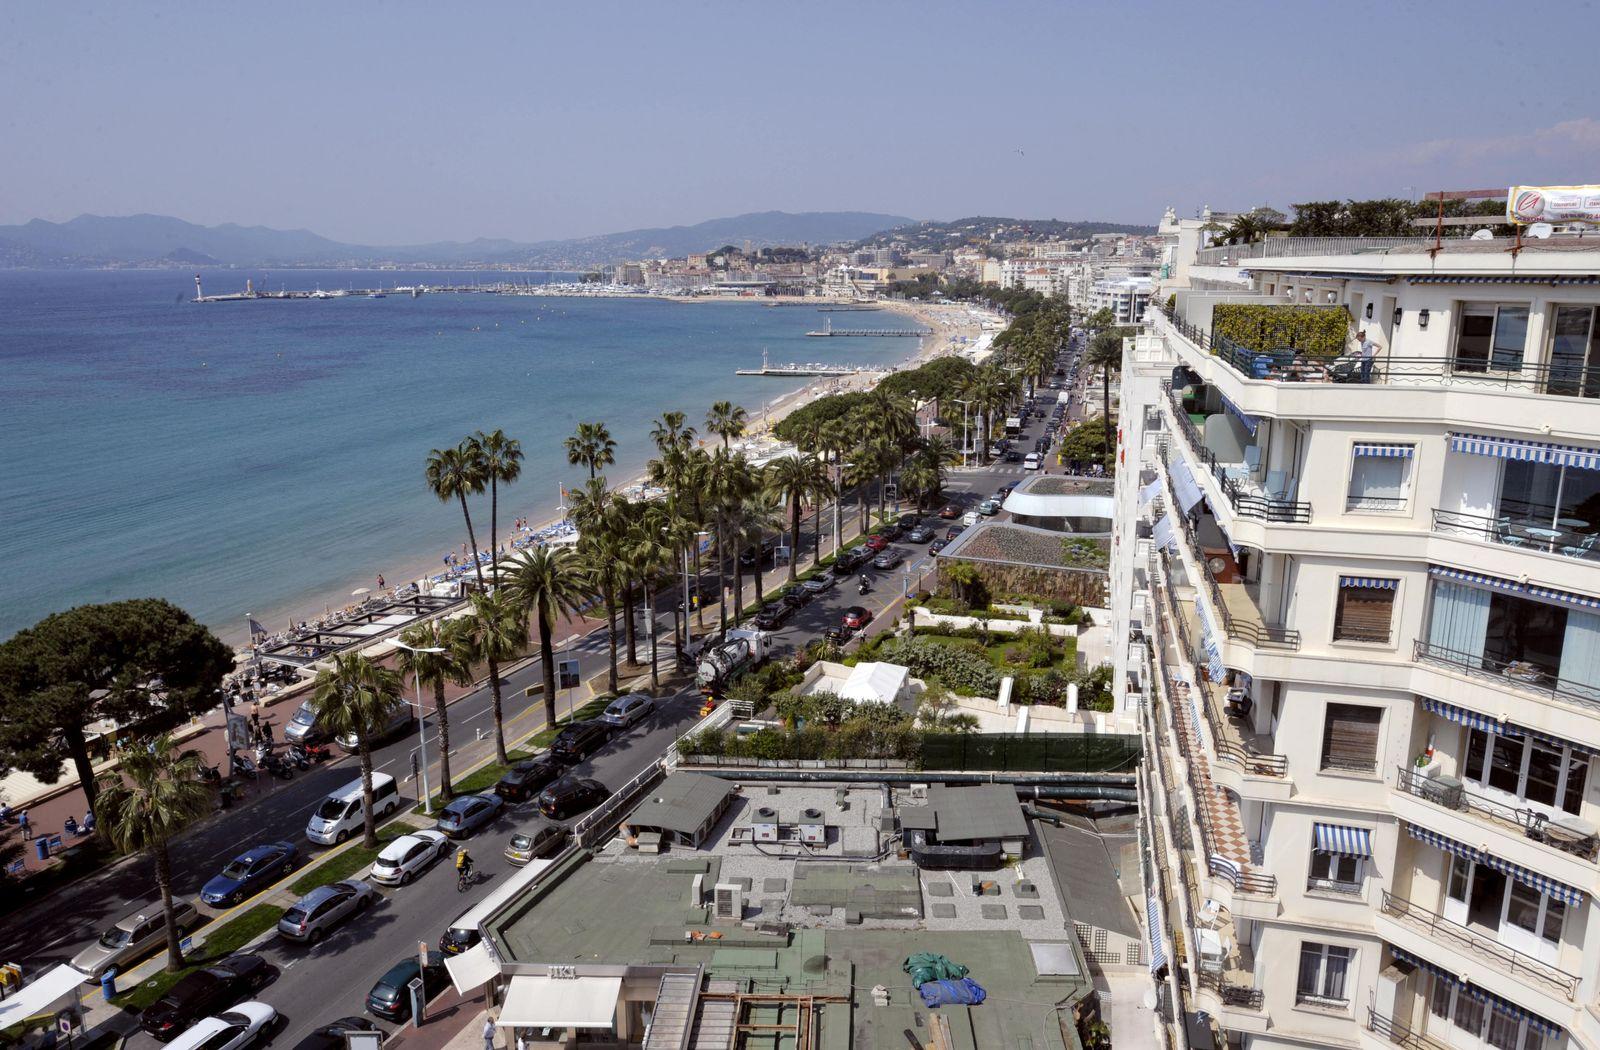 Cannes/ Croisette